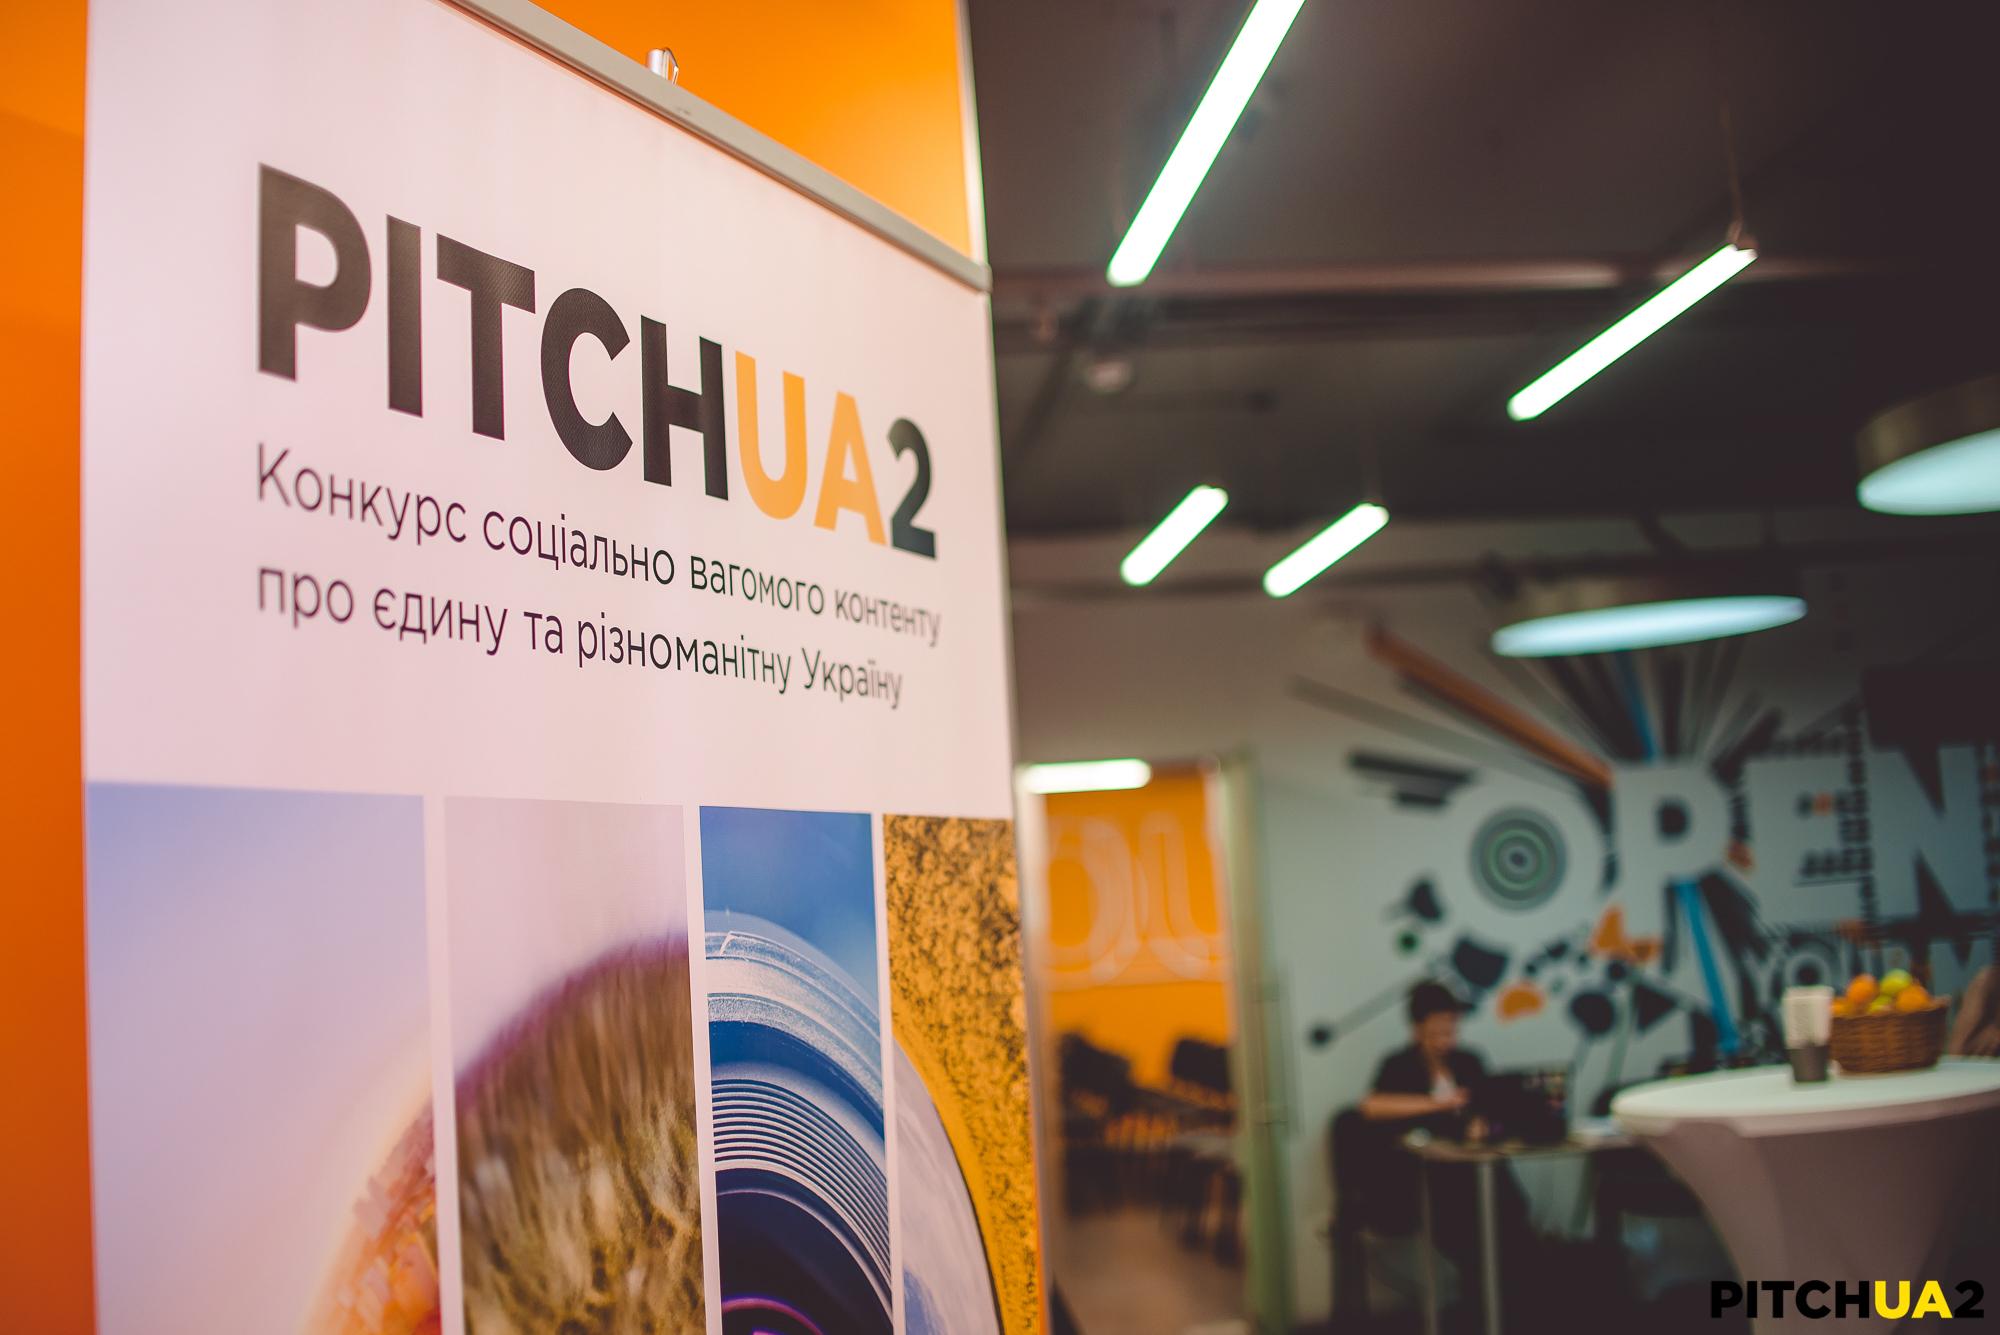 Pitch ua, дубль два: як створити соціально впливовий контент і хто готовий за це платити